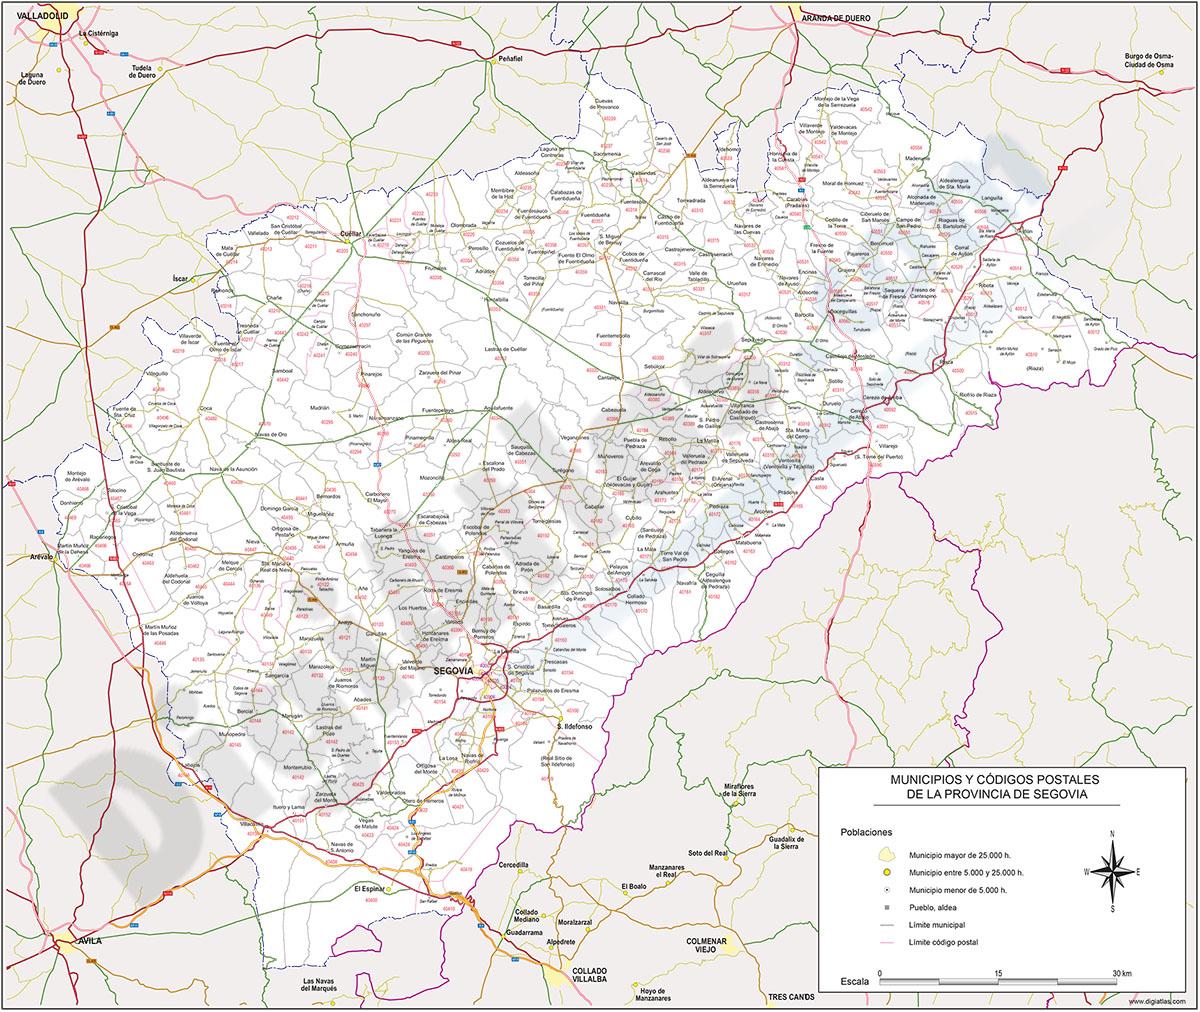 Segovia - mapa provincial con municipios y Códigos Postales